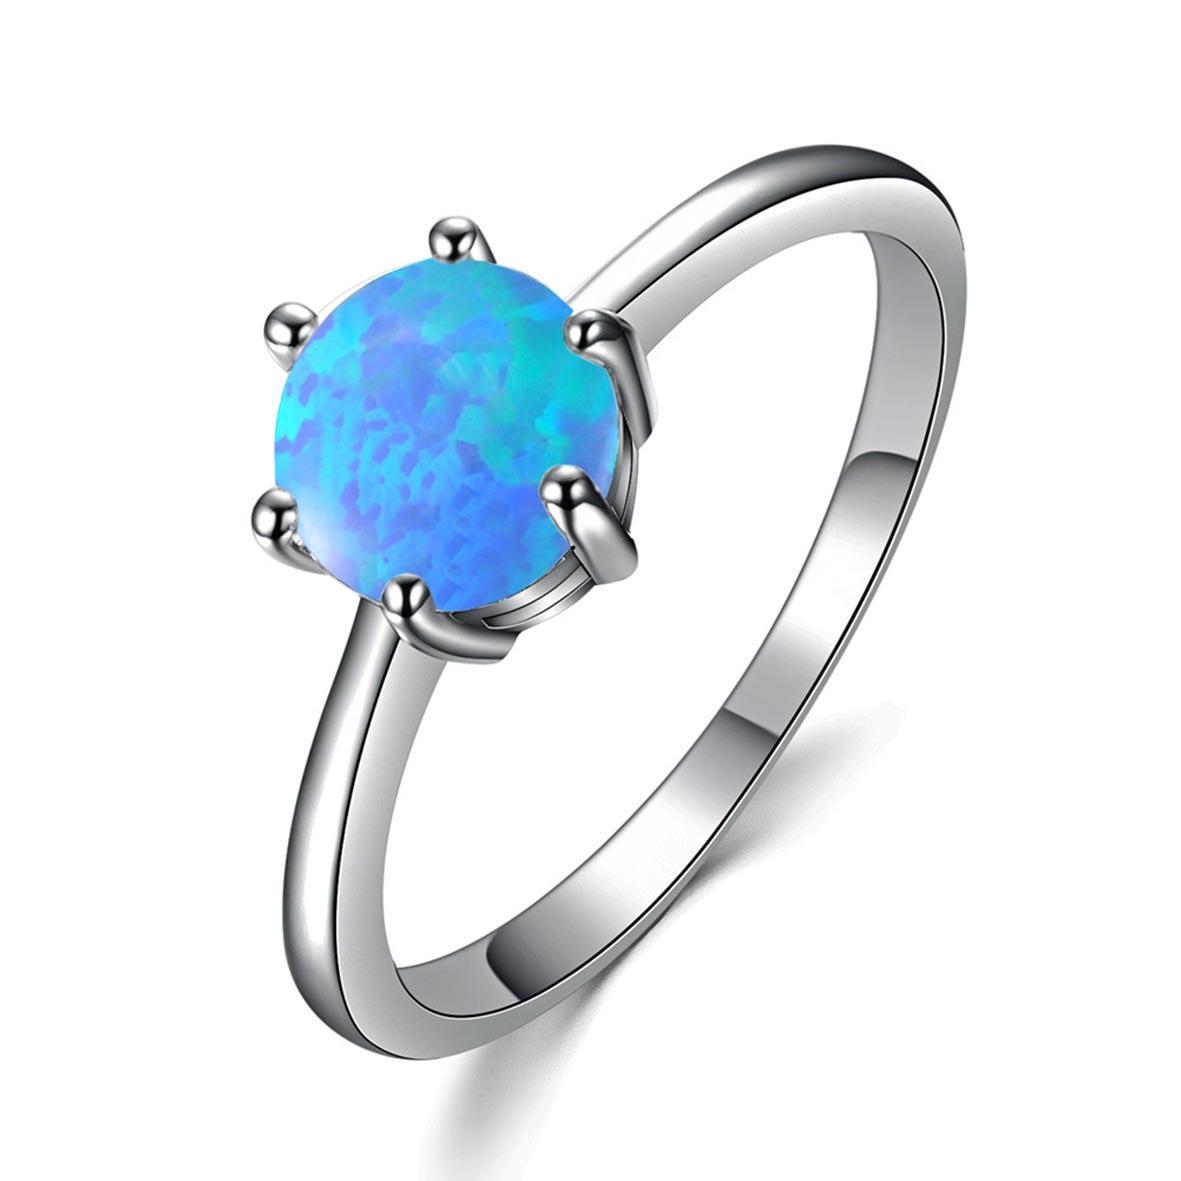 Anillo de ópalo de fuego azul hermoso de alta calidad 100% Real 925 Sterling Silver Compromiso Jewlery de mujer para regalo